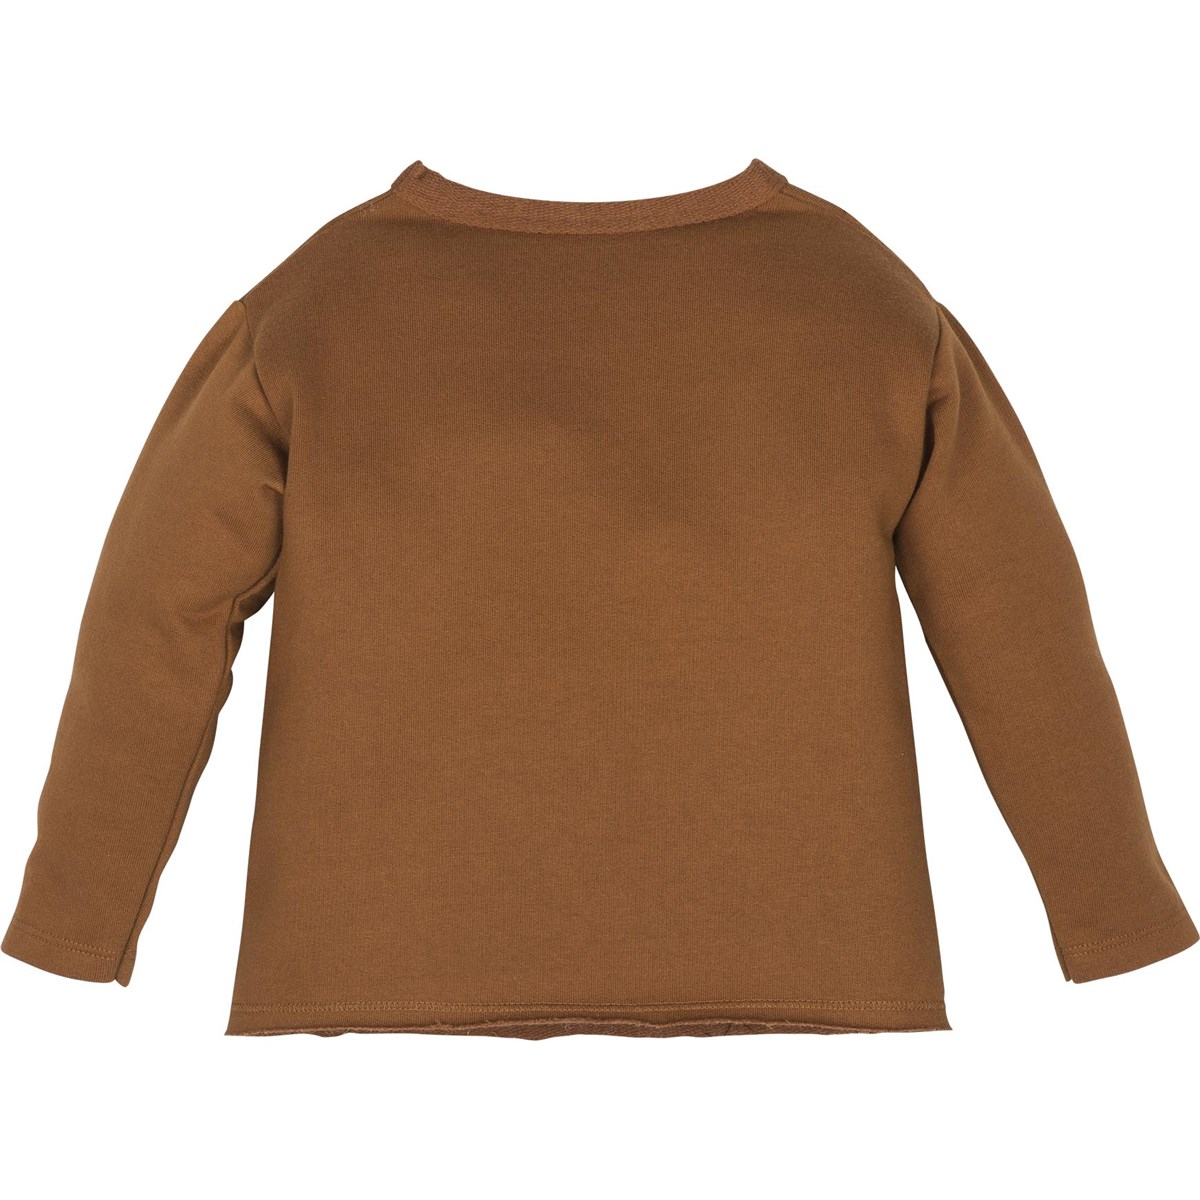 12640 Sweatshirt 3